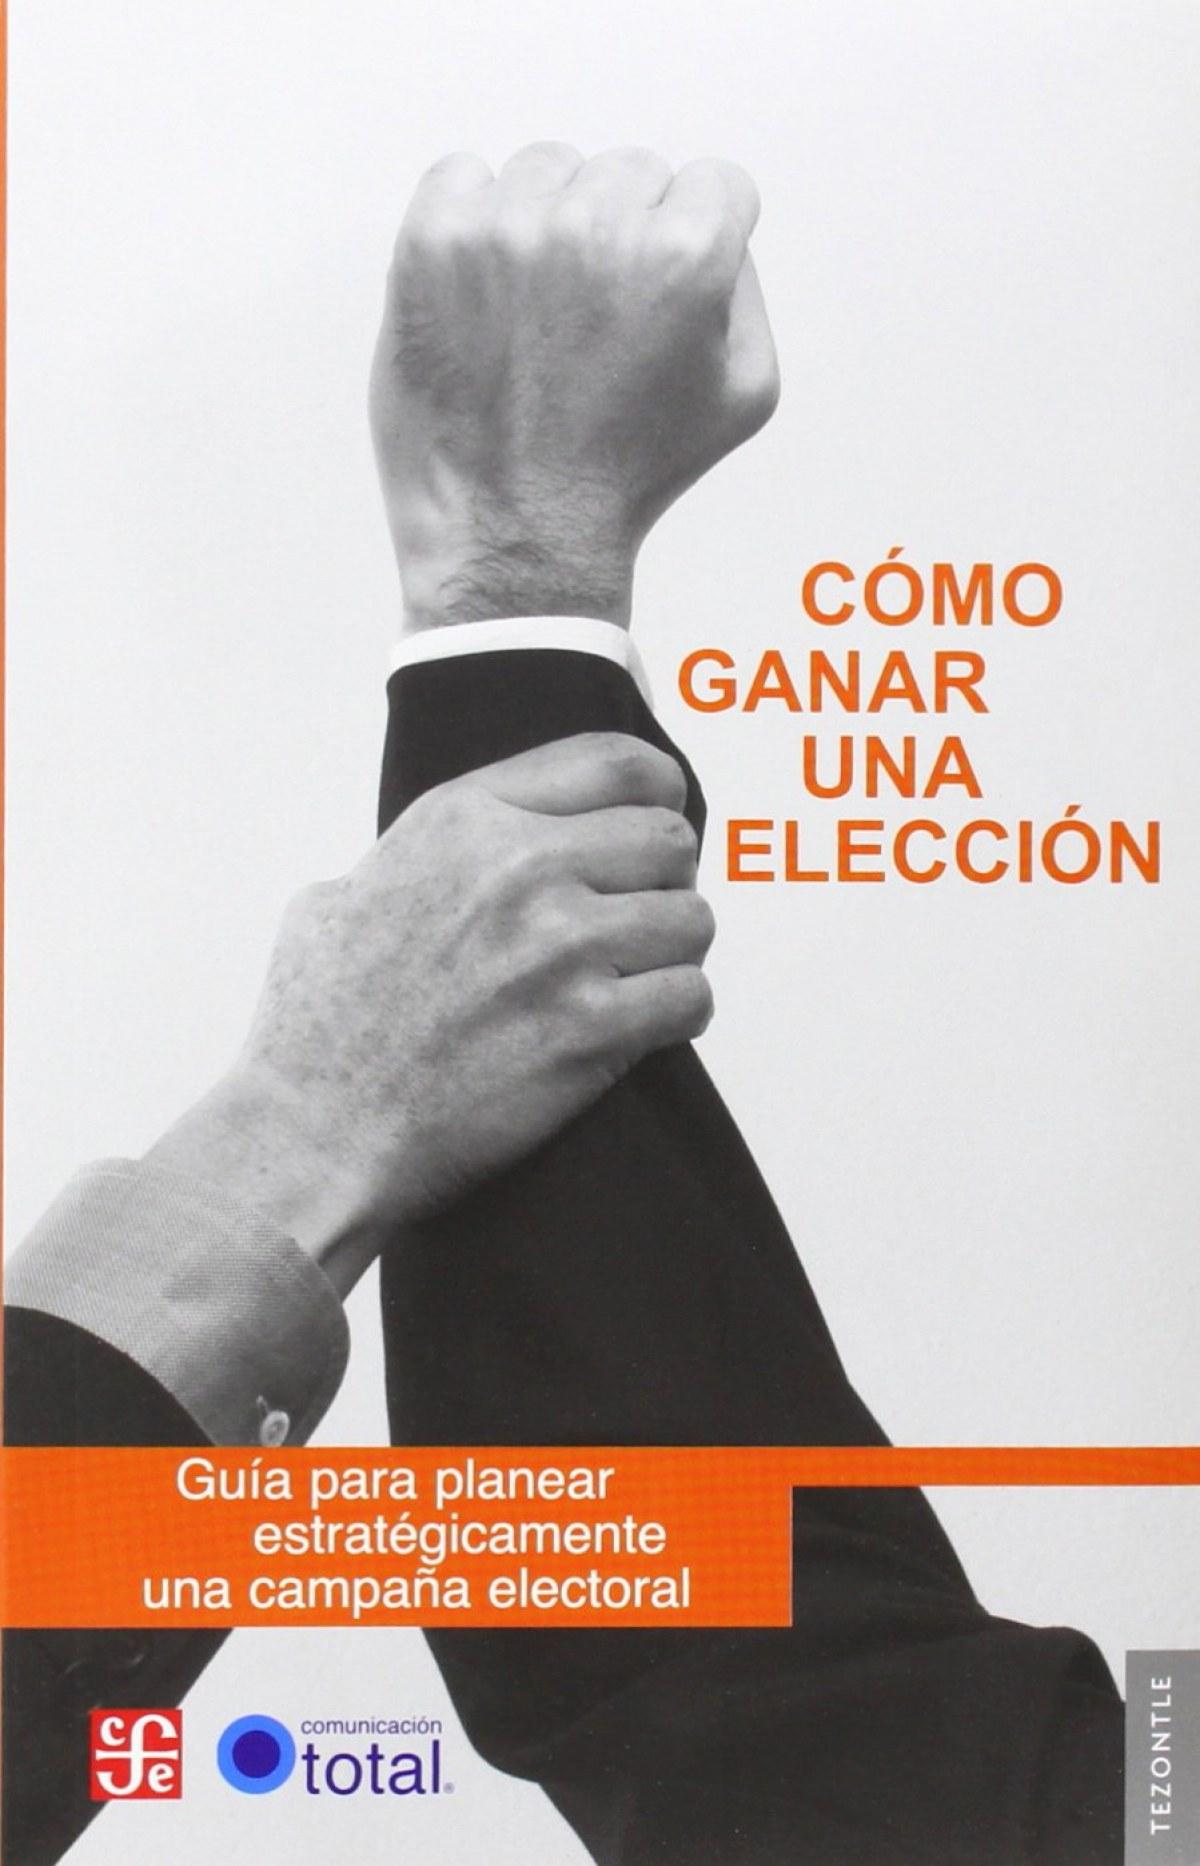 Cómo ganar una elección : Guía para planear estratégicamente una campaña electoral